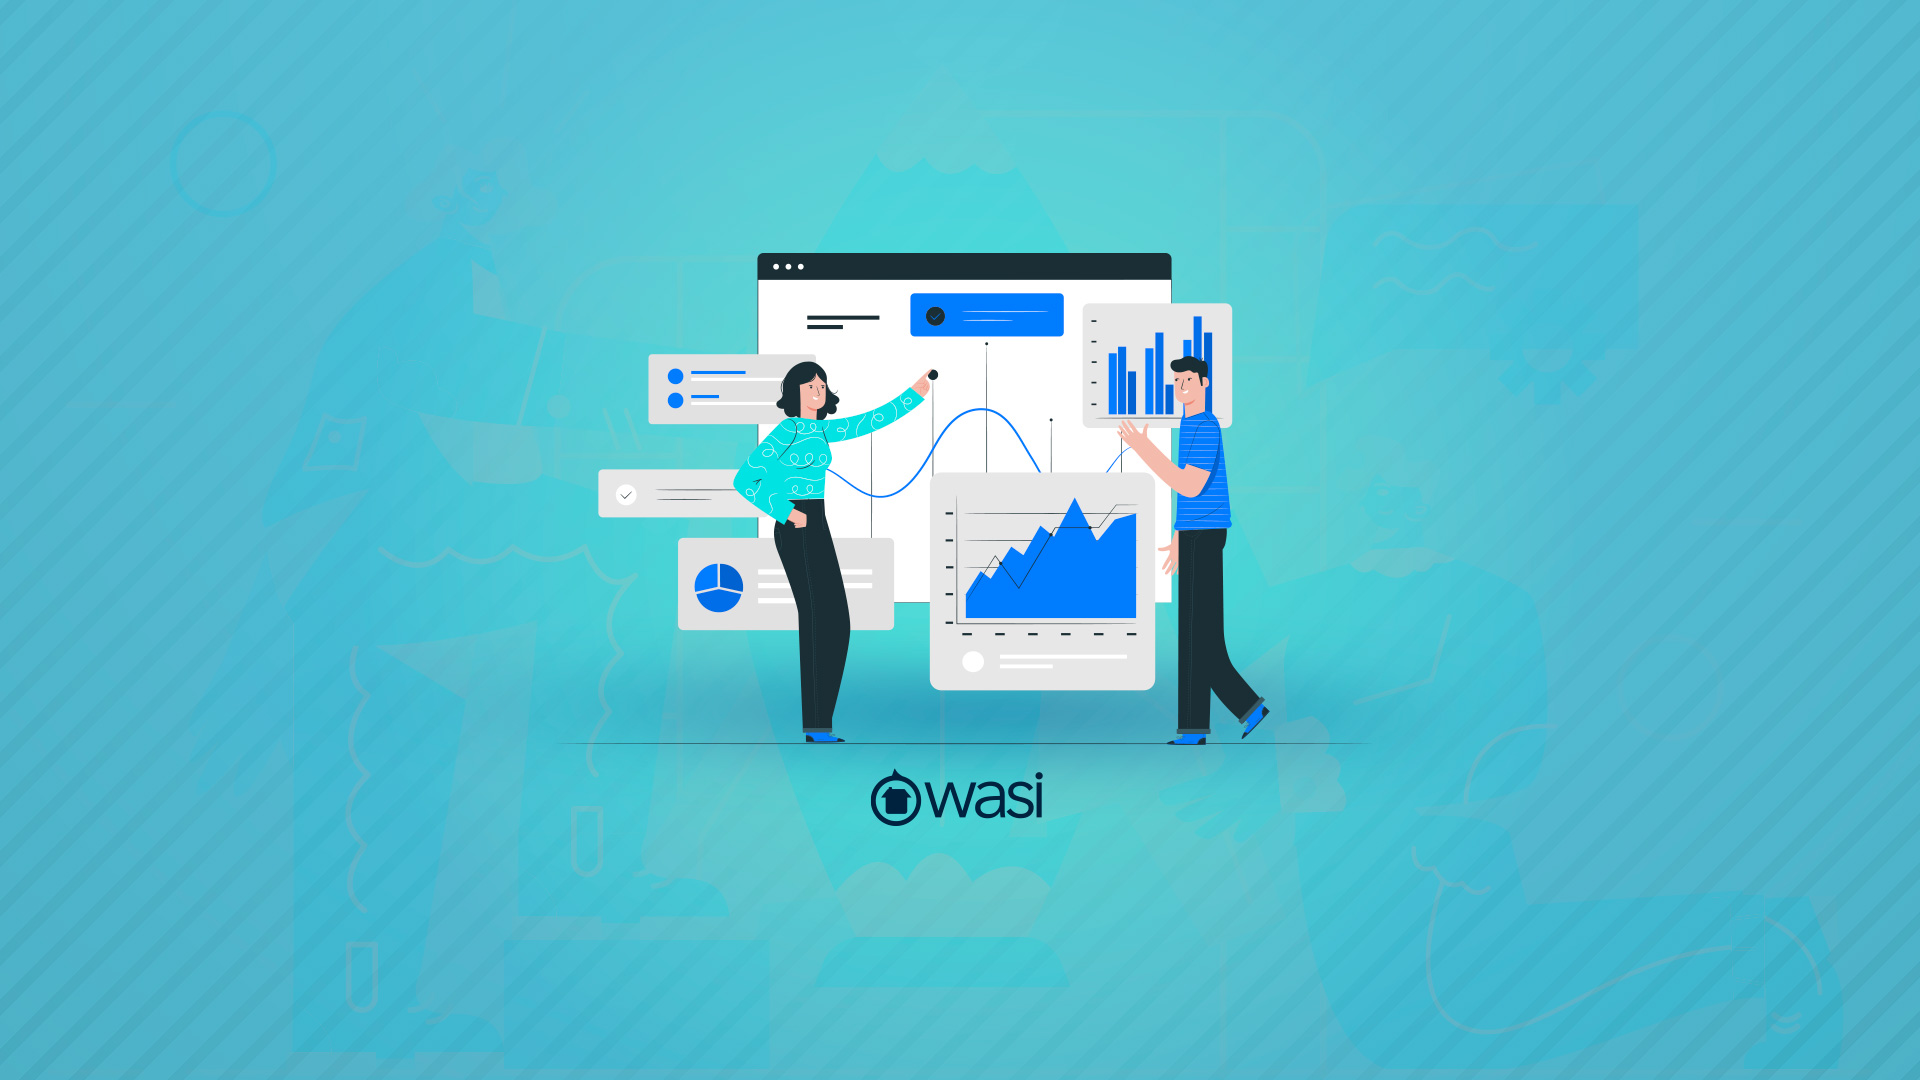 ¿Cómo obtener data inmobiliaria valiosa desde Wasi?